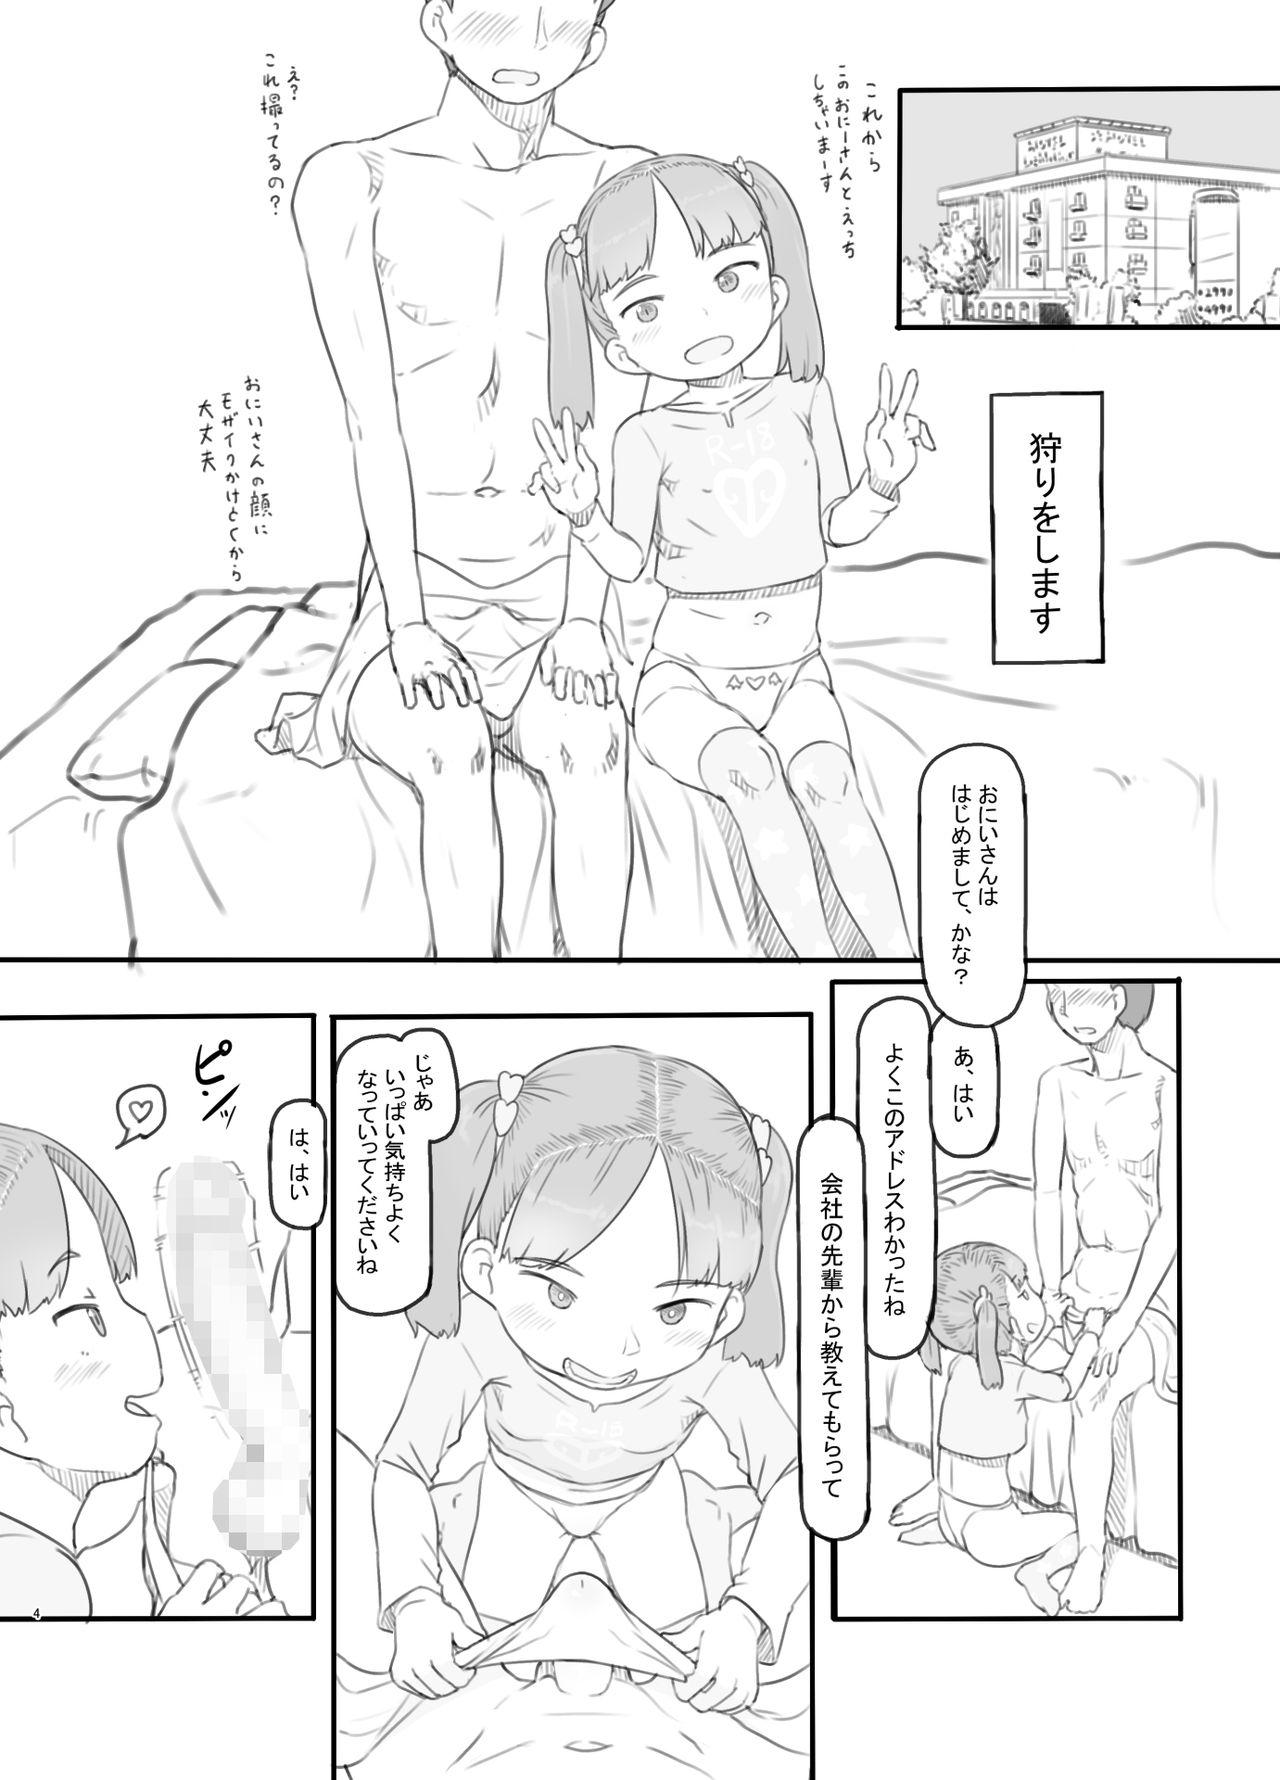 Mesugaki Succubus o Wakaraseru 3